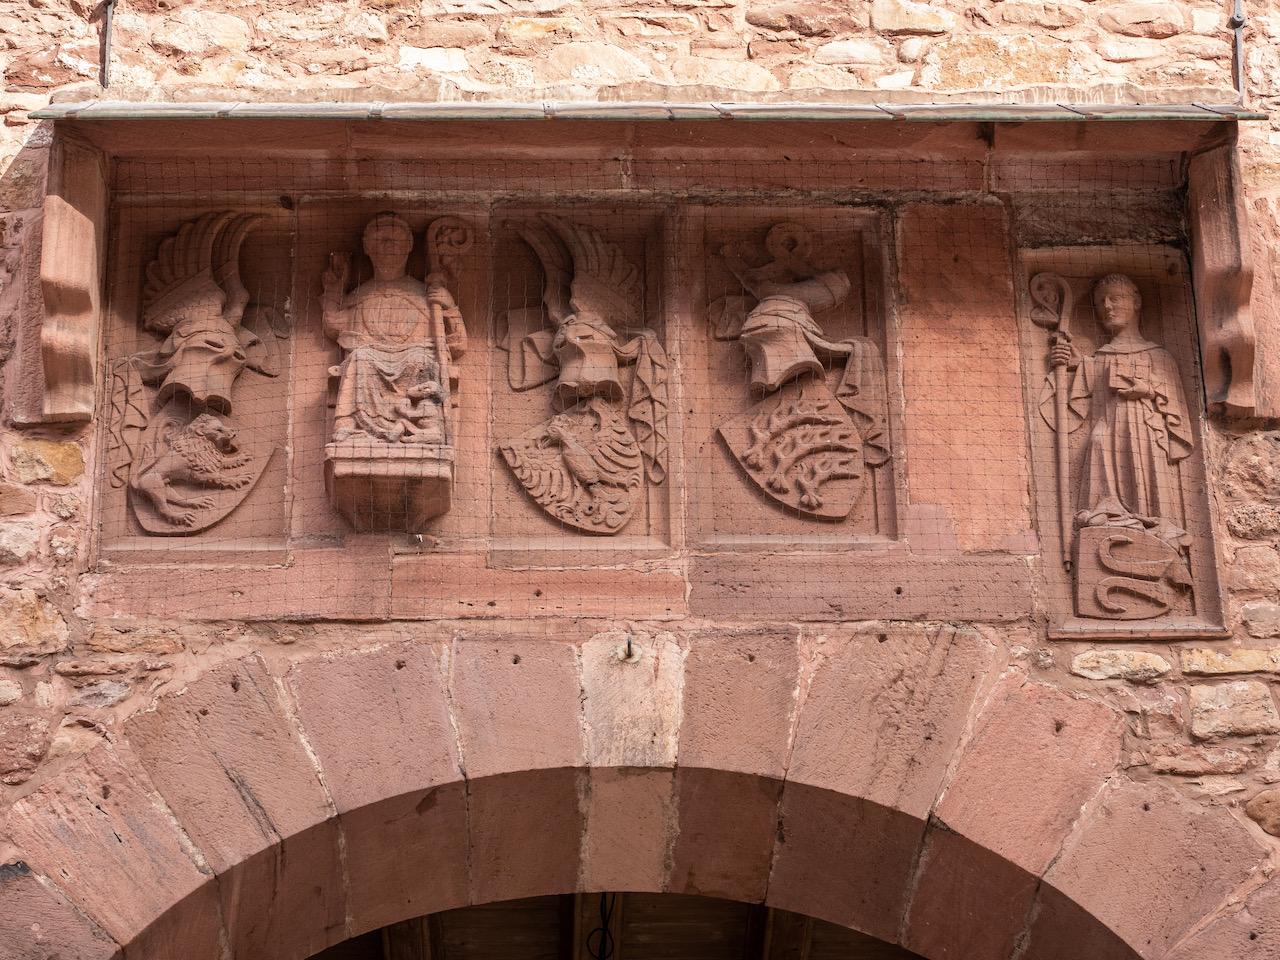 Wappenreihe mit Wappen einer Stifterfamilie, Wappen der Grafen von Württemberg, Relief des hl. Benedikt und Relief des Abts Heinrich Hack über dem Mittelbogen der Vorhalle (frühes 15. Jh.)